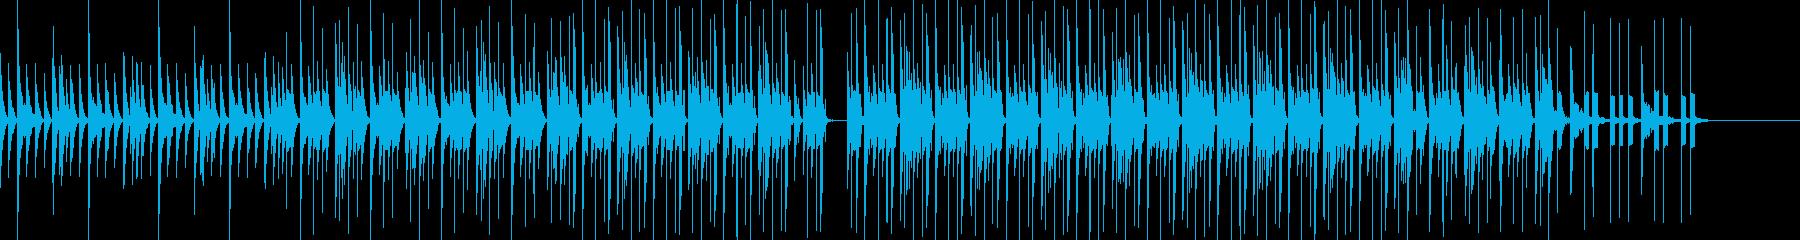 ミニマルな雰囲気のテクノの再生済みの波形